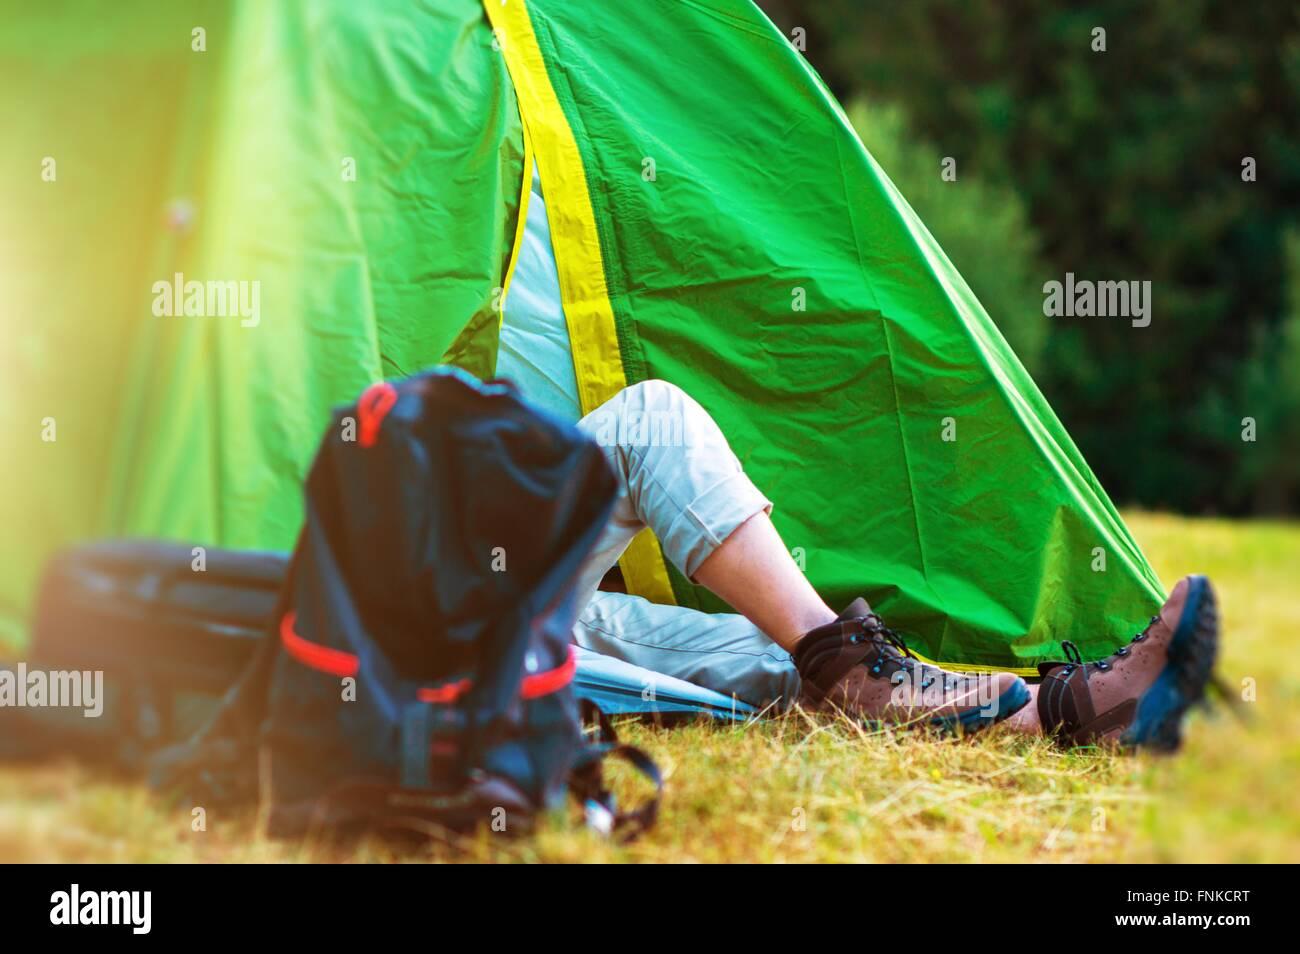 Tente Camping sauvage. Dans son repos randonneur tente verte. Randonnées et Camping Thème. Photo Stock